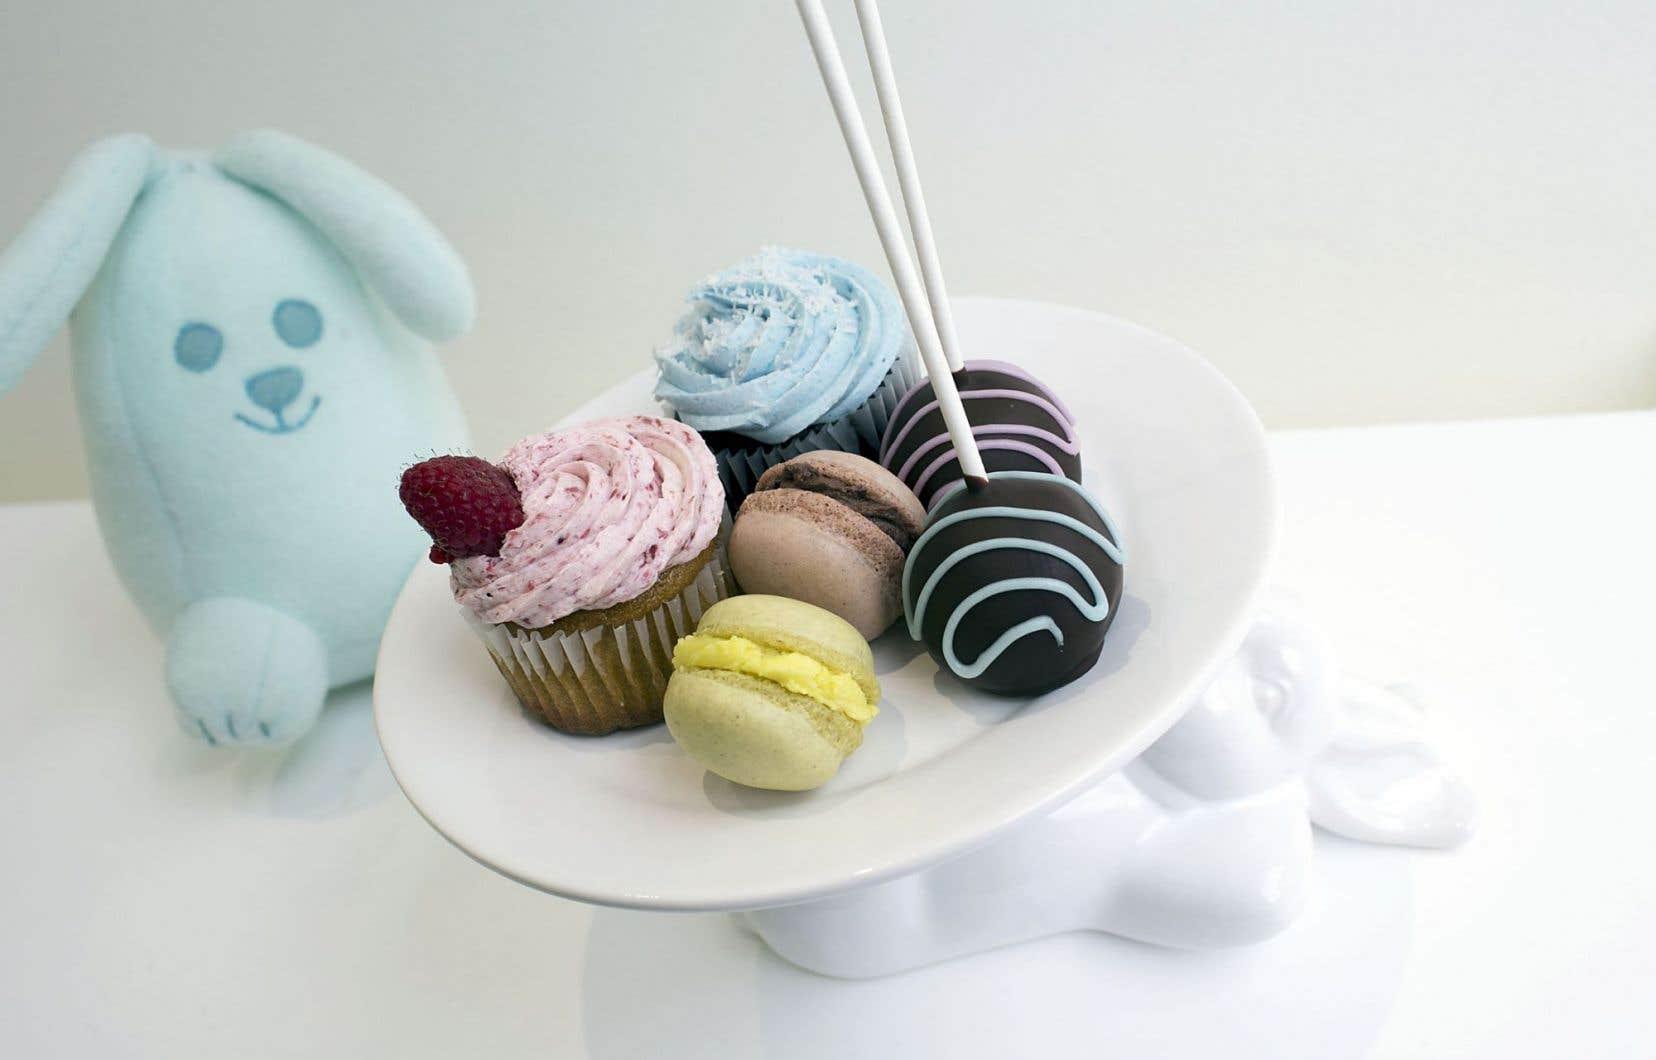 Des pâtisseries qu'on peut retrouver au Petit Lapin, une pâtisserie où même les personnes allergiques peuvent se sucrer le bec sans crainte.